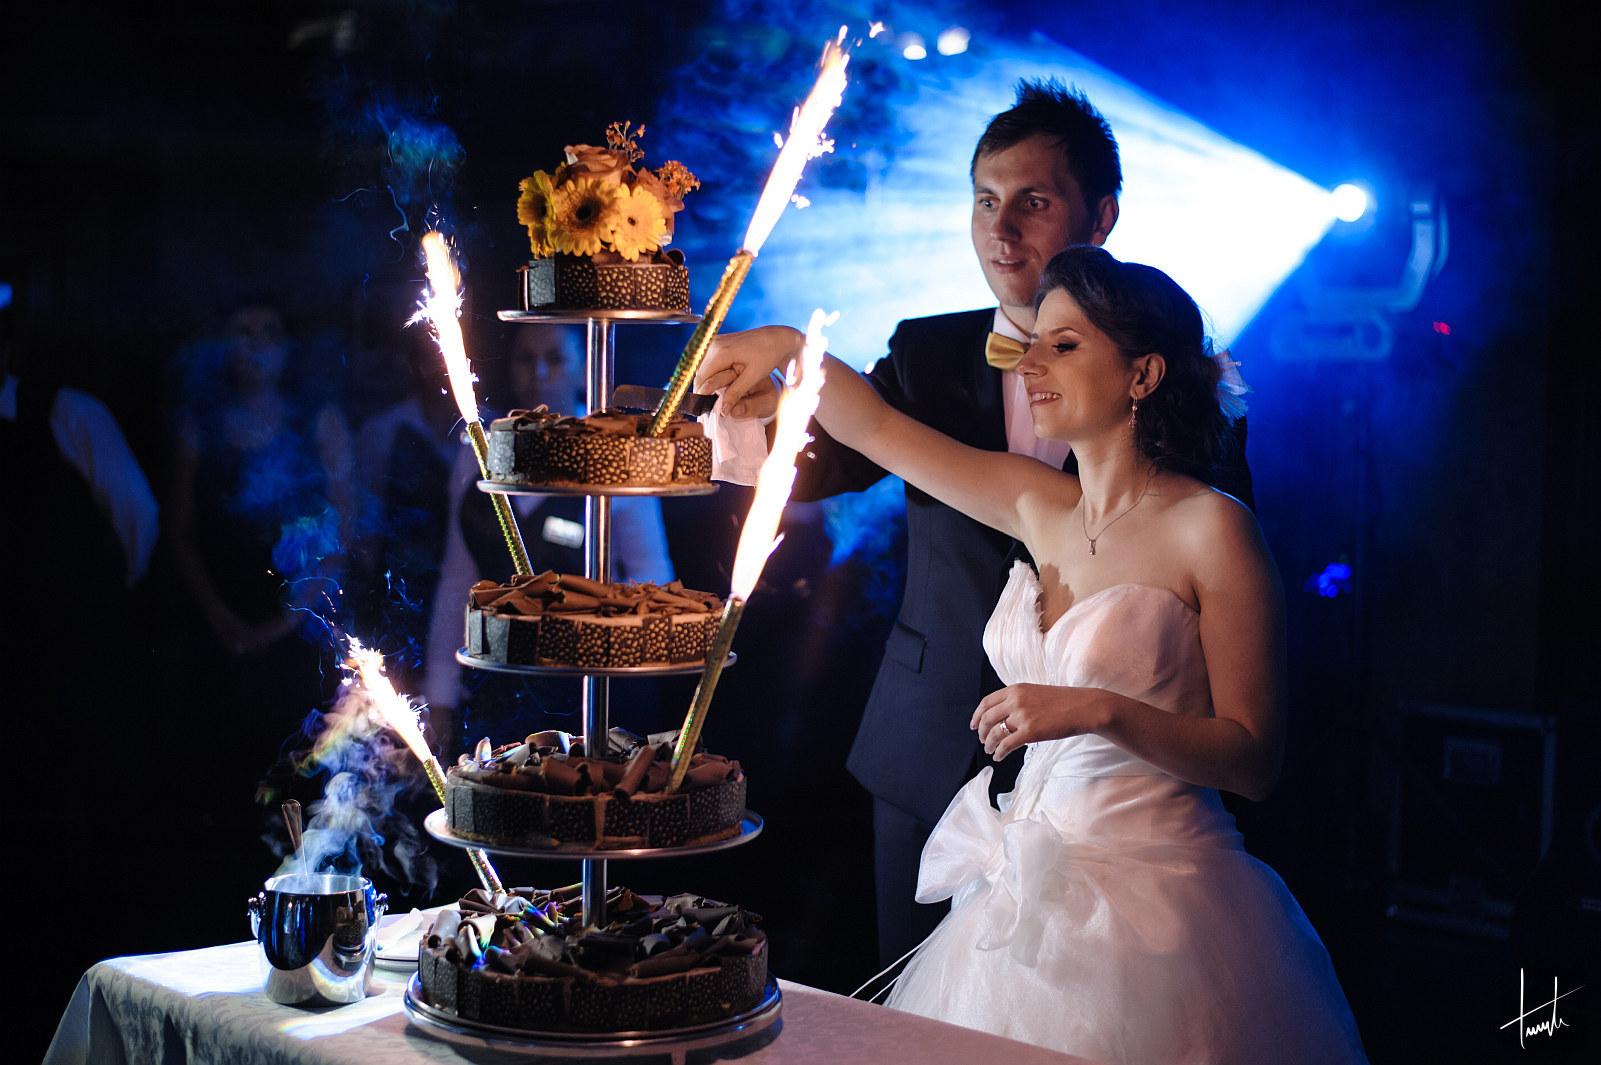 fotograf nunta iasi - Bogdan Terente - Irina Iulian 12